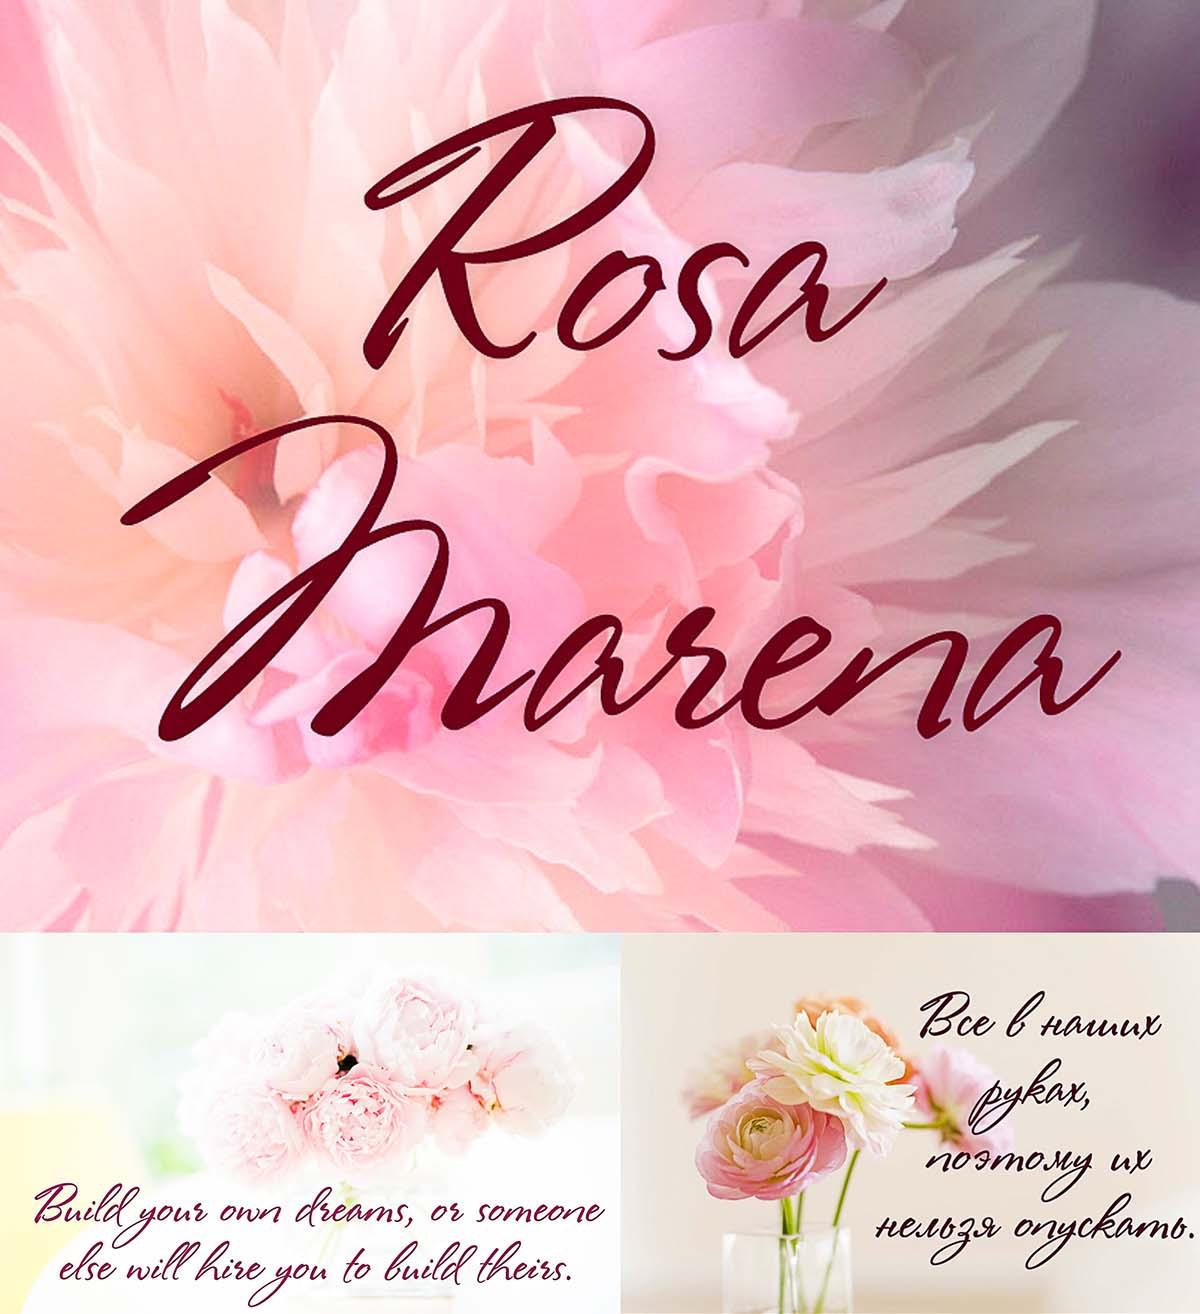 Rosa Marena script